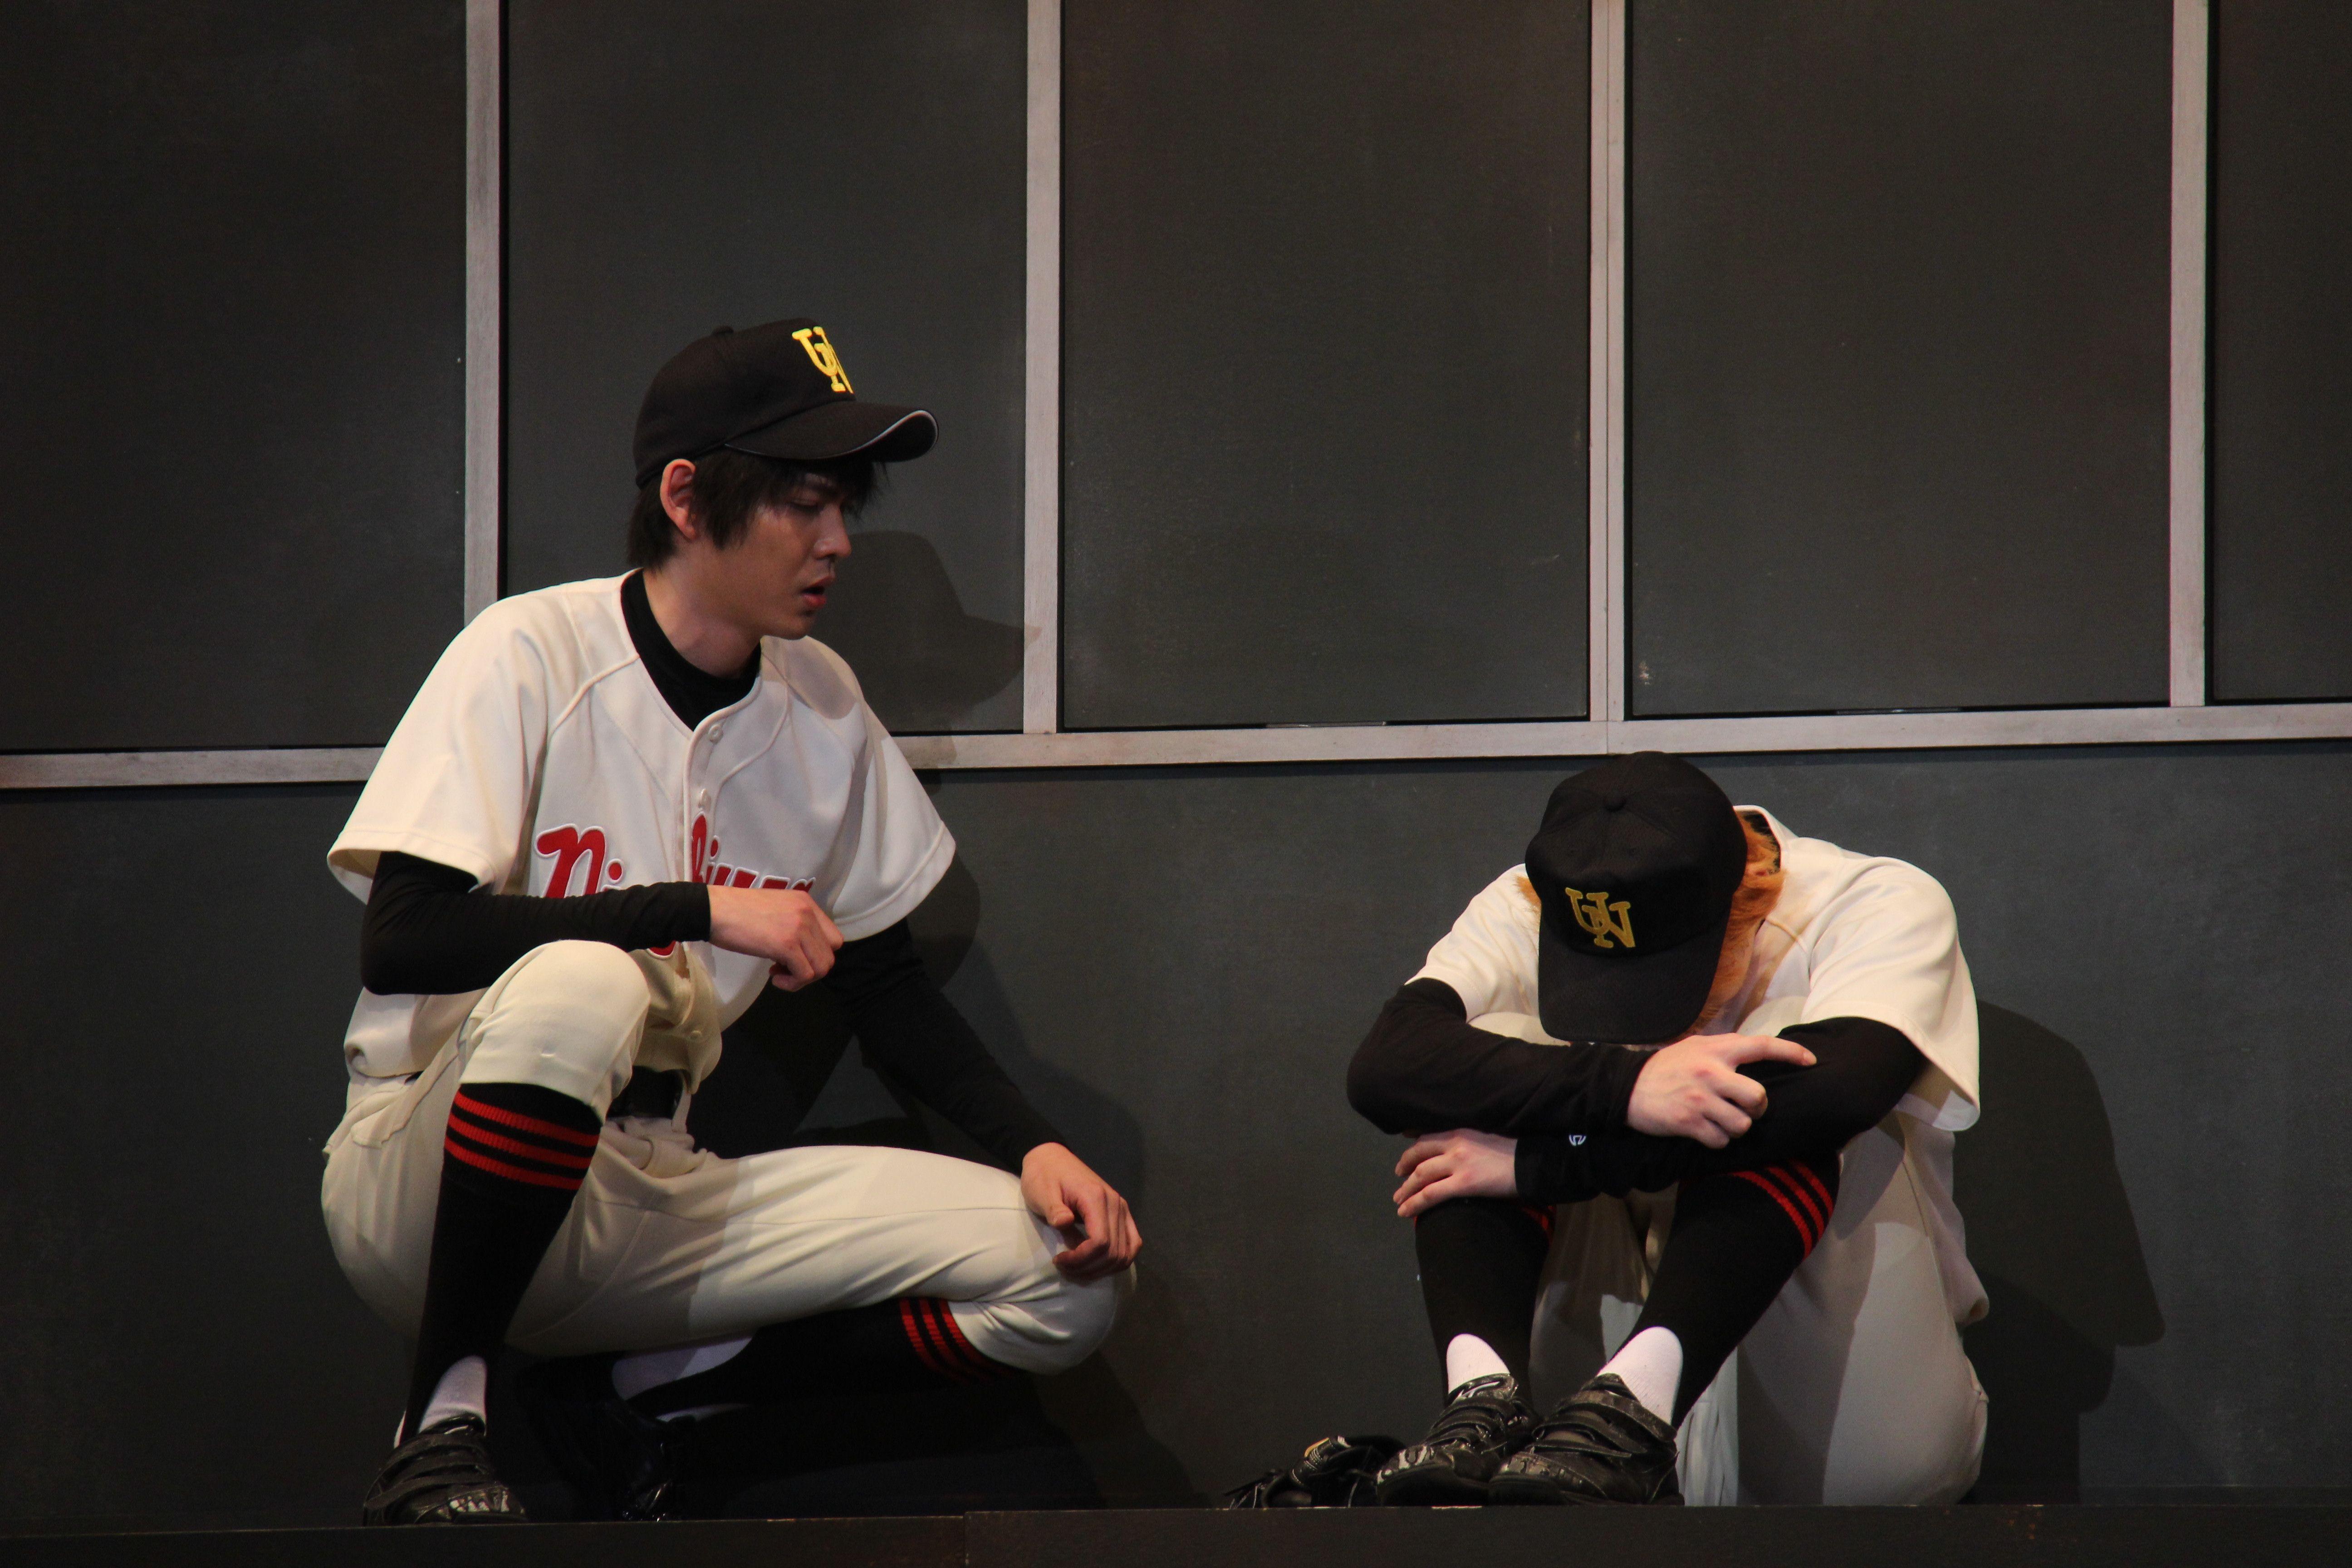 舞台『おおきく振りかぶって』ダブルヘッダー公演開幕、西銘駿「2作品って大変!」苦労を明かすの画像003